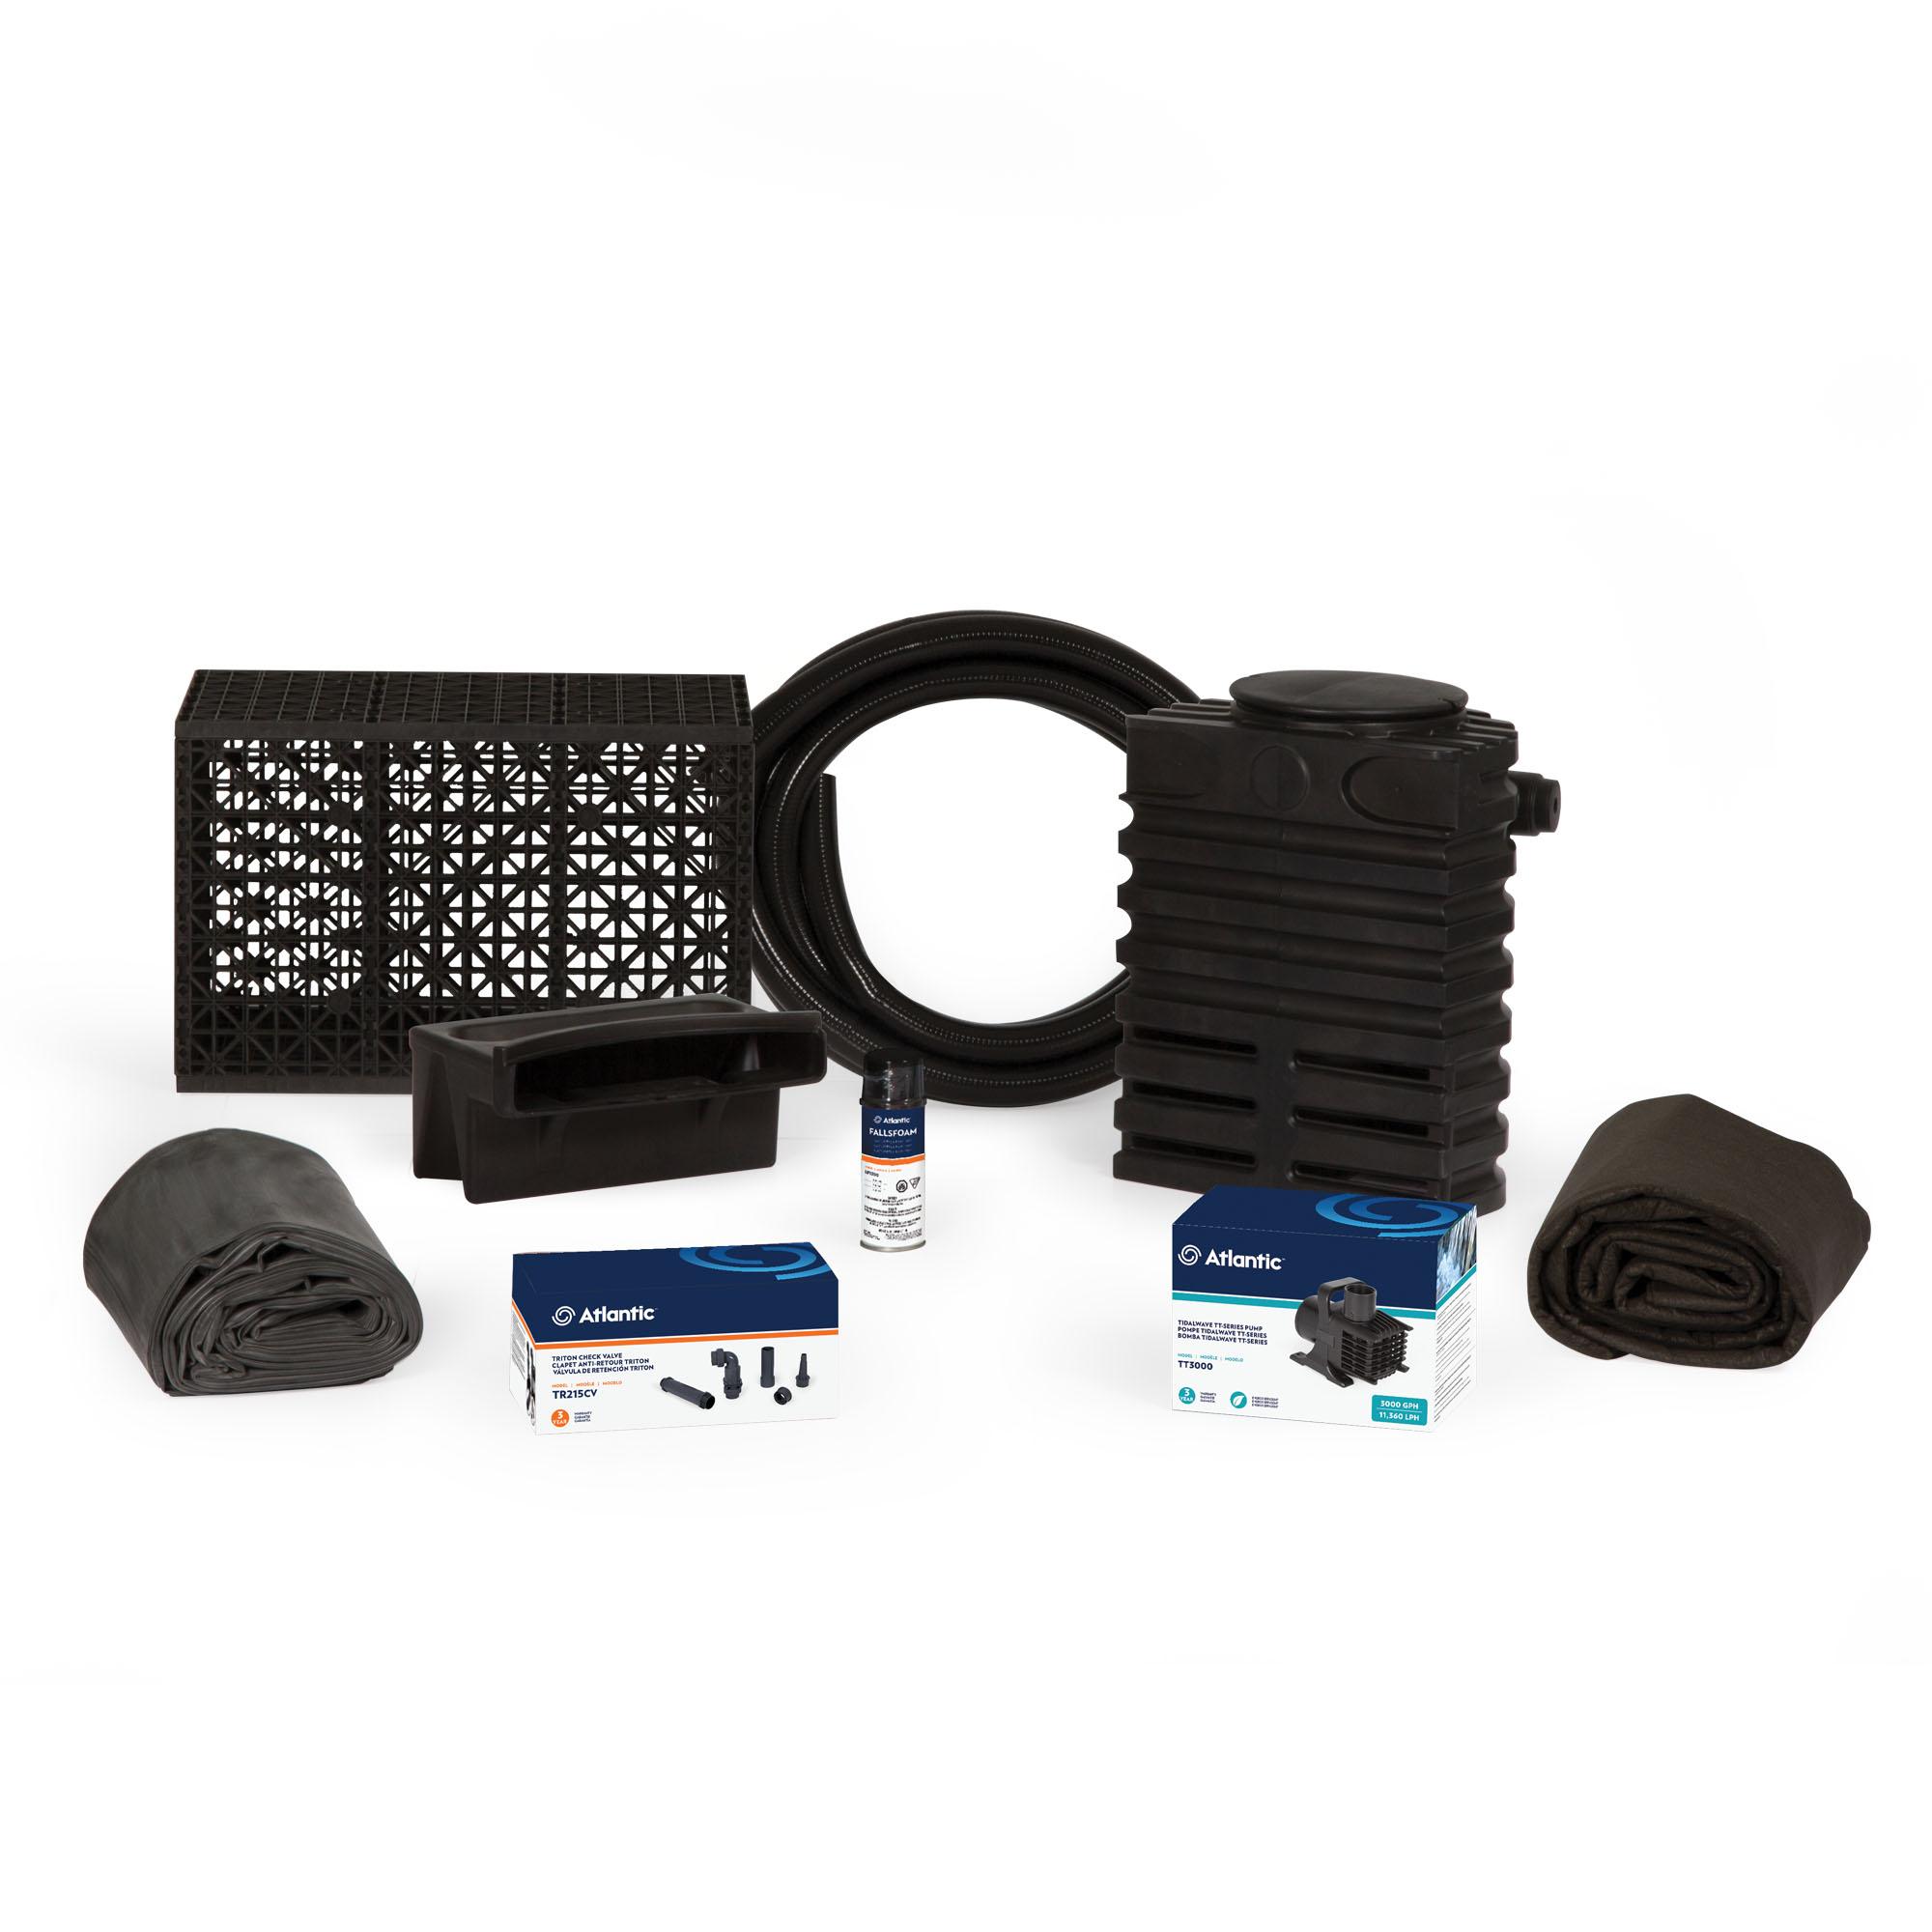 PK1716PL - Small Pond-free Kit